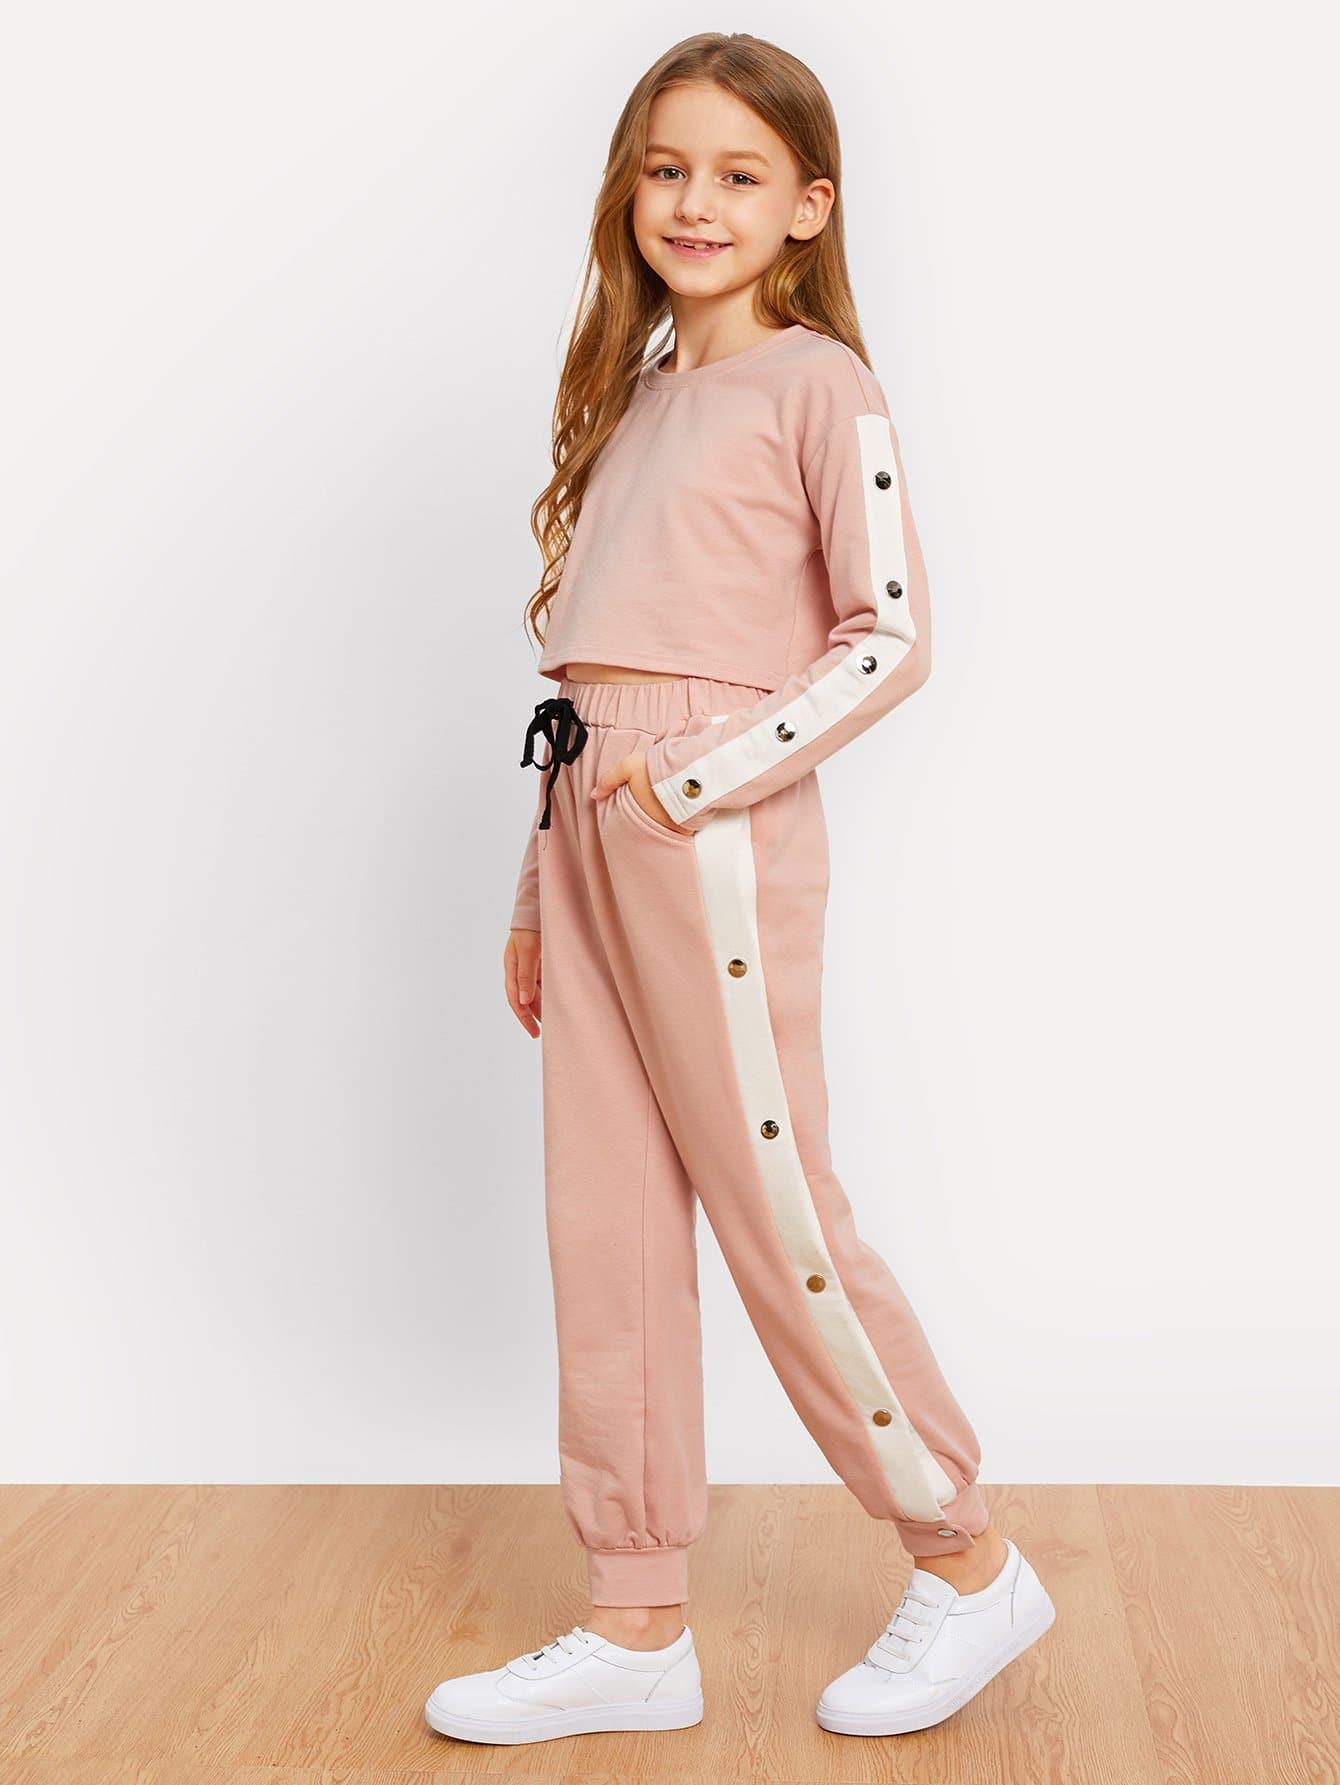 Купить Блузка с заниженной линией плеч и со симметрическими лентами и брюки для девочки, Sashab, SheIn